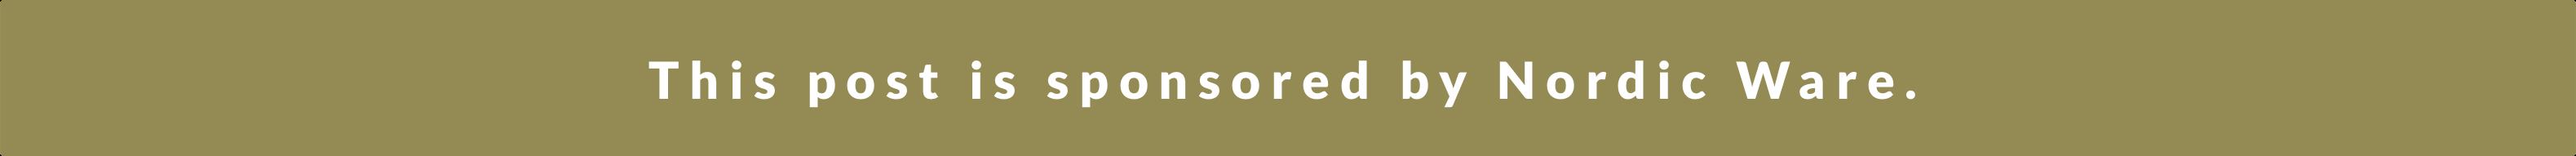 sponsored_nordicware